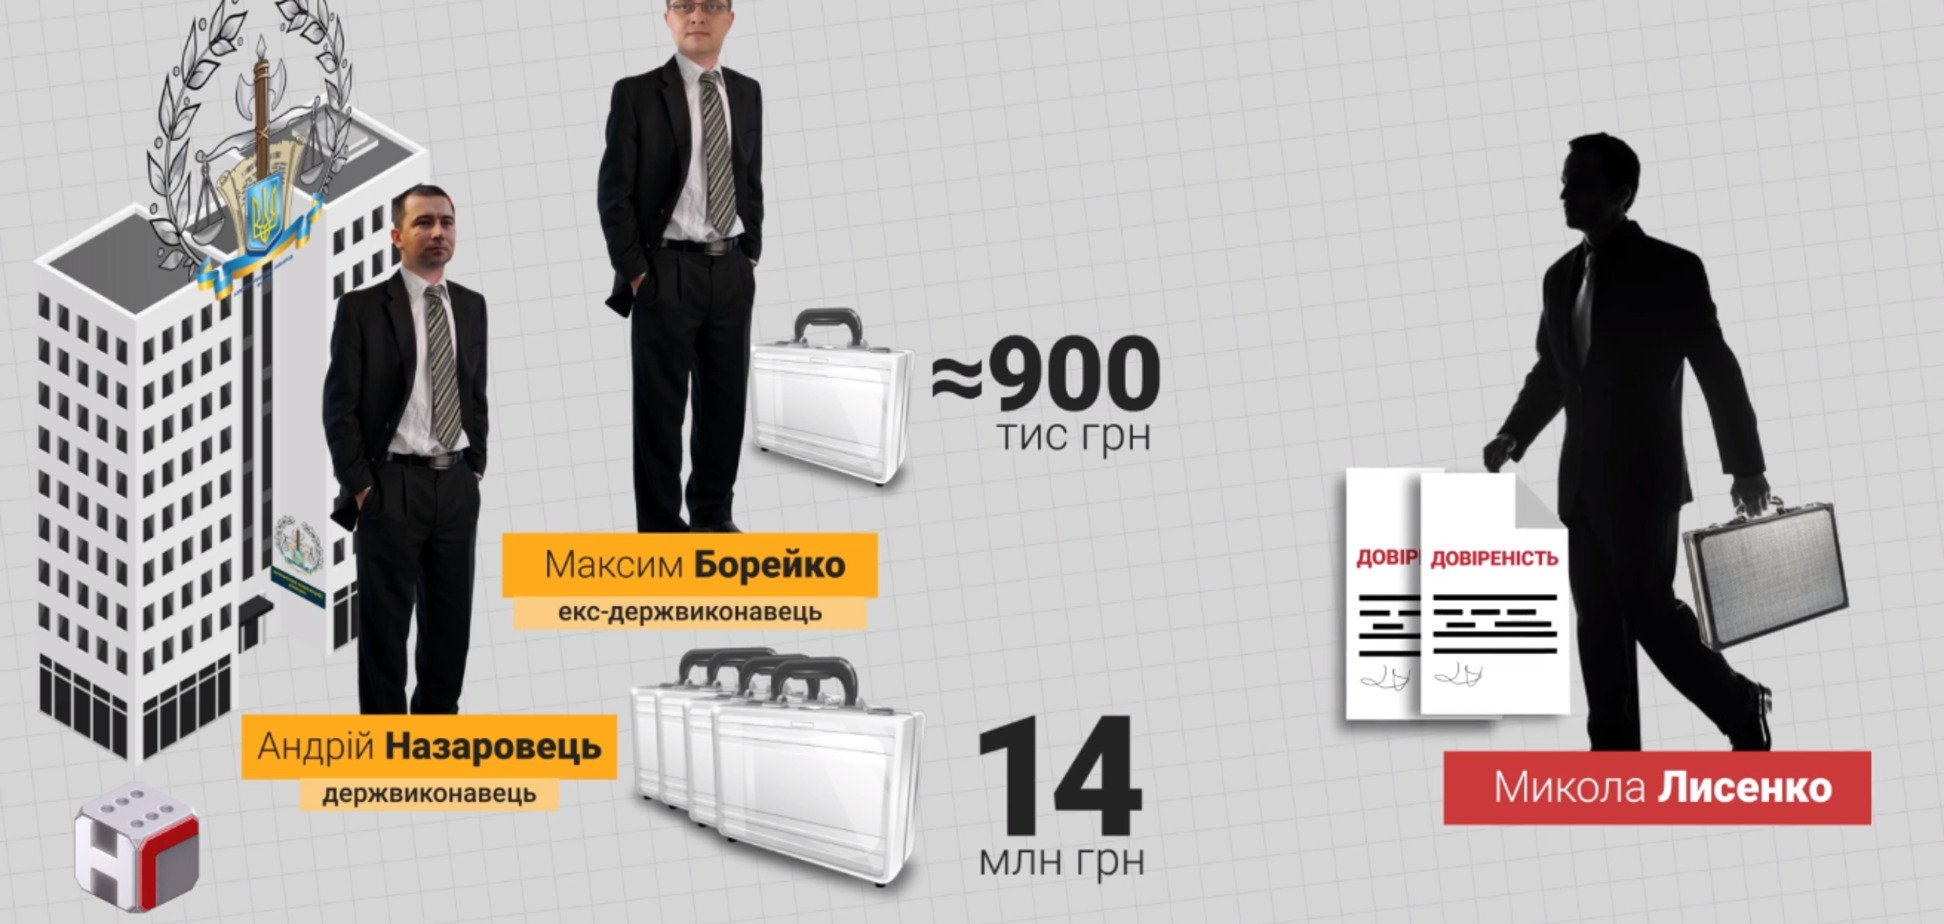 Скандал с чиновниками-миллионерами в Минюсте: появились интересные детали